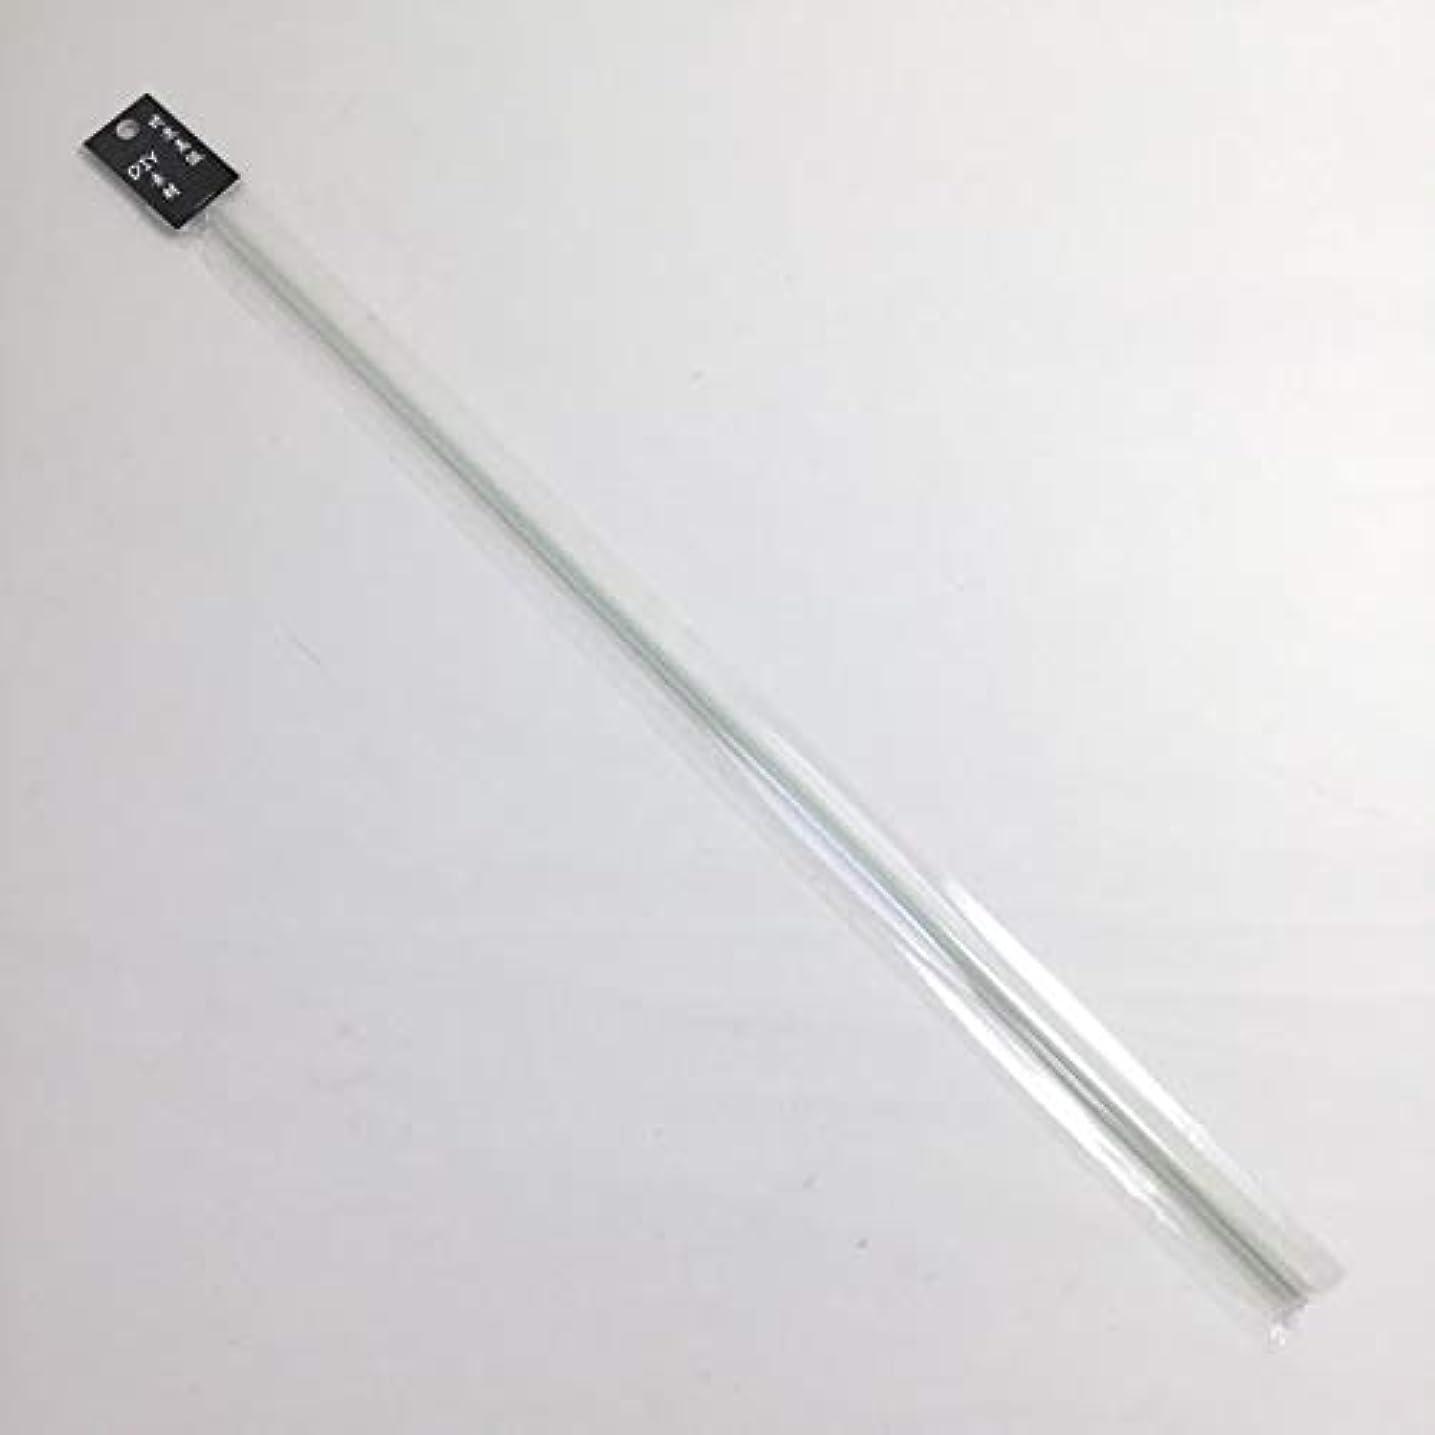 ハードウェア壁革命的希粋 ヘラウキ用素材 10本入り 高品質グラスソリッド素材?1.5mm/50cm